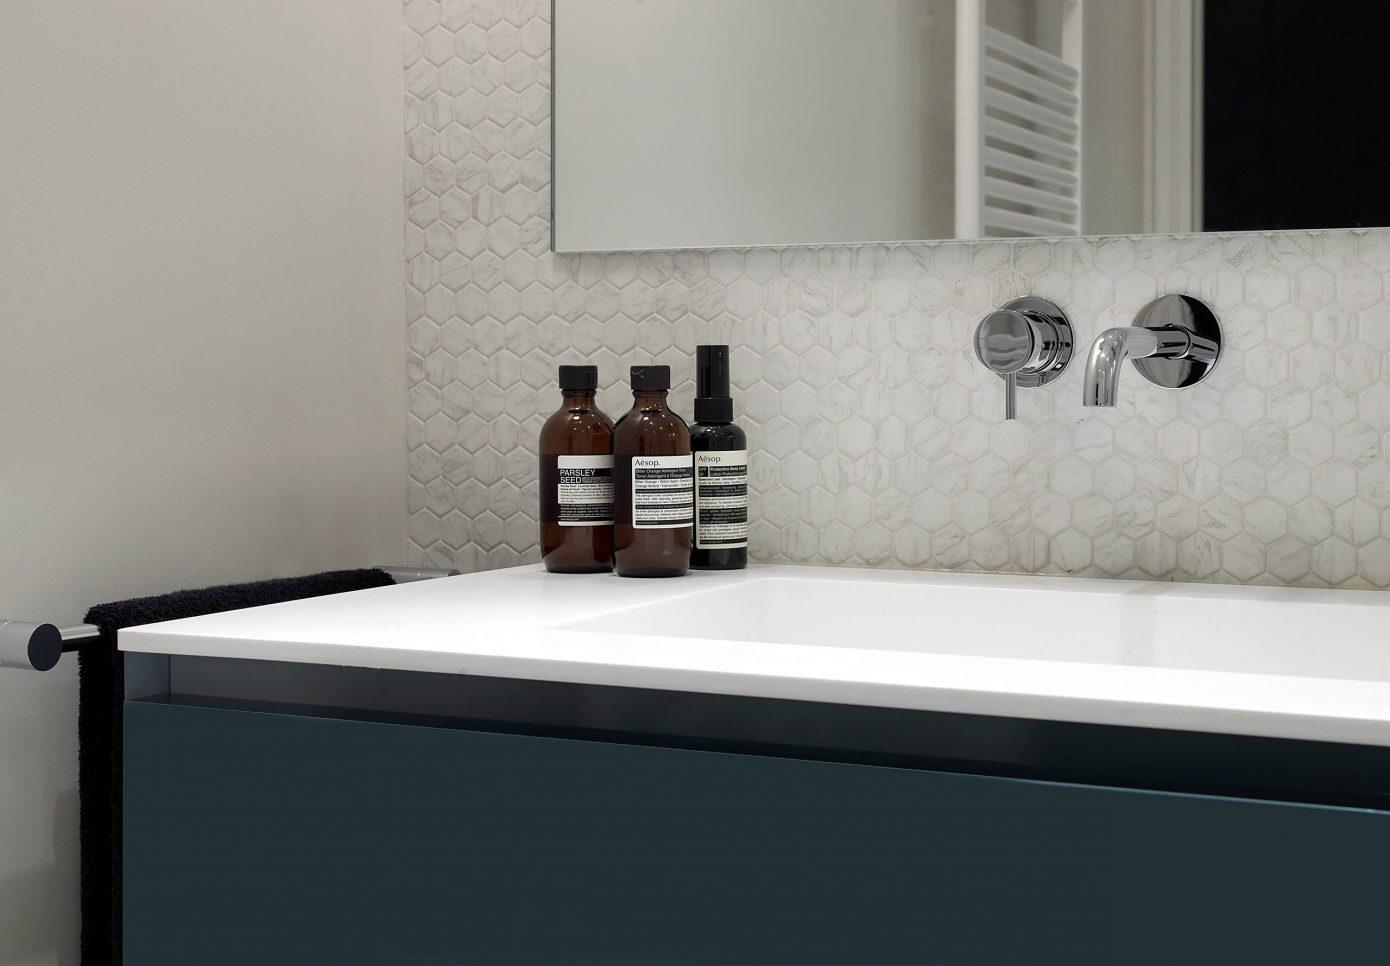 Chique ontwerp voor een kleine badkamer van 5m2 interieur inrichting - Kleine badkamer m ...